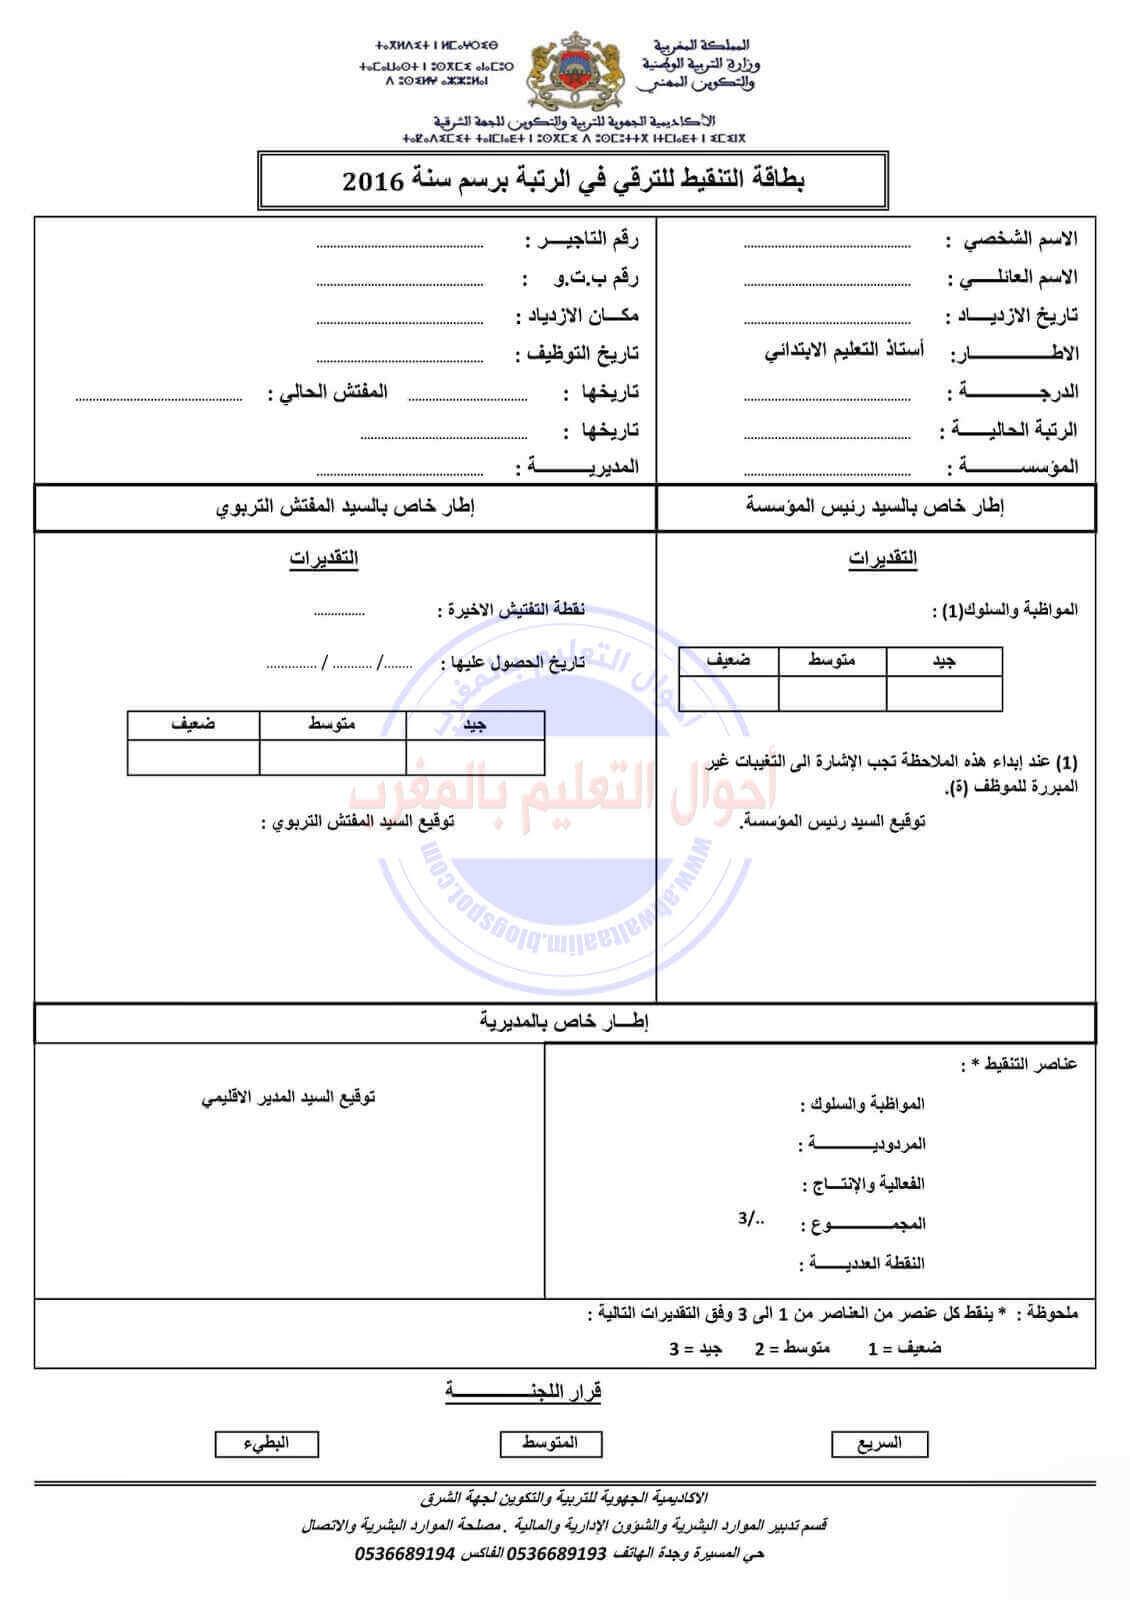 هكذا تتم ترقية هيئة التدريس من موظفي وزارة التربية الوطنية وثائق رسمية وشروحات لمختلف الوضعيات الادارية